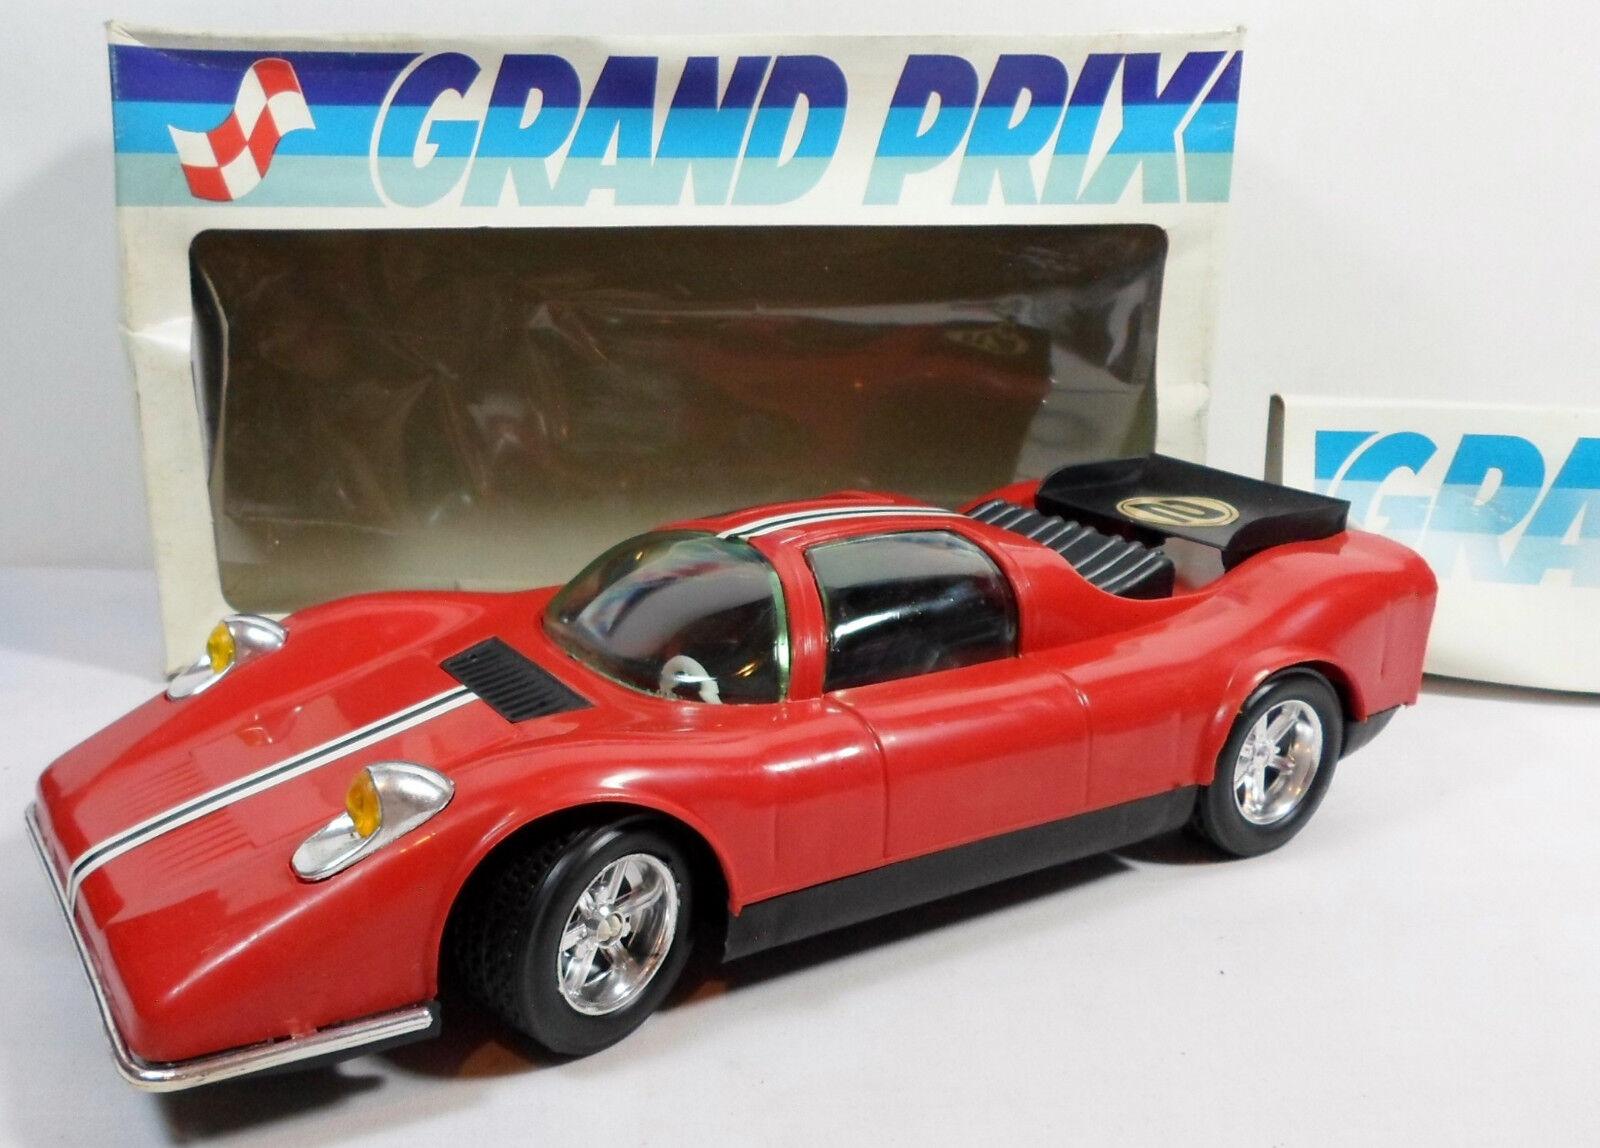 SMALTO GREEK VTG 80's B O GRAND PRIX 13'' RACING CAR  730 WIrot R C NEEDS REPAIR